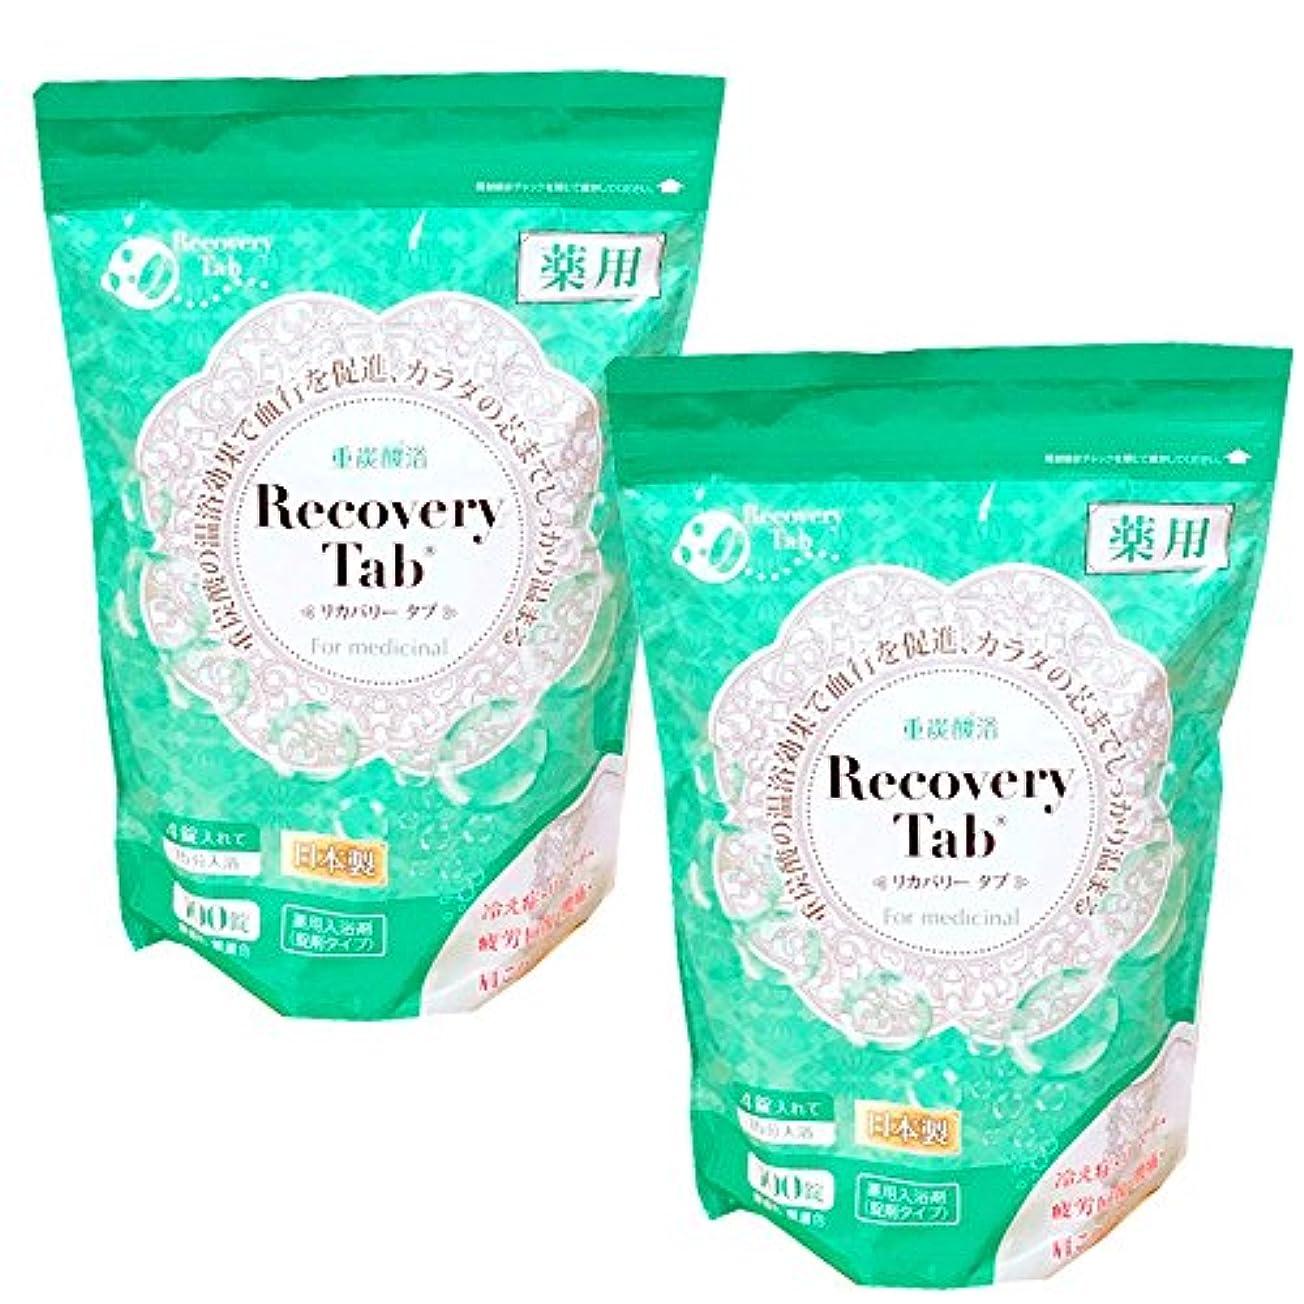 公然と完了うめき声【Recovery Tab 正規販売店】 薬用 Recovery Tab リカバリータブ 重炭酸浴 医薬部外品 100錠入 2個セット